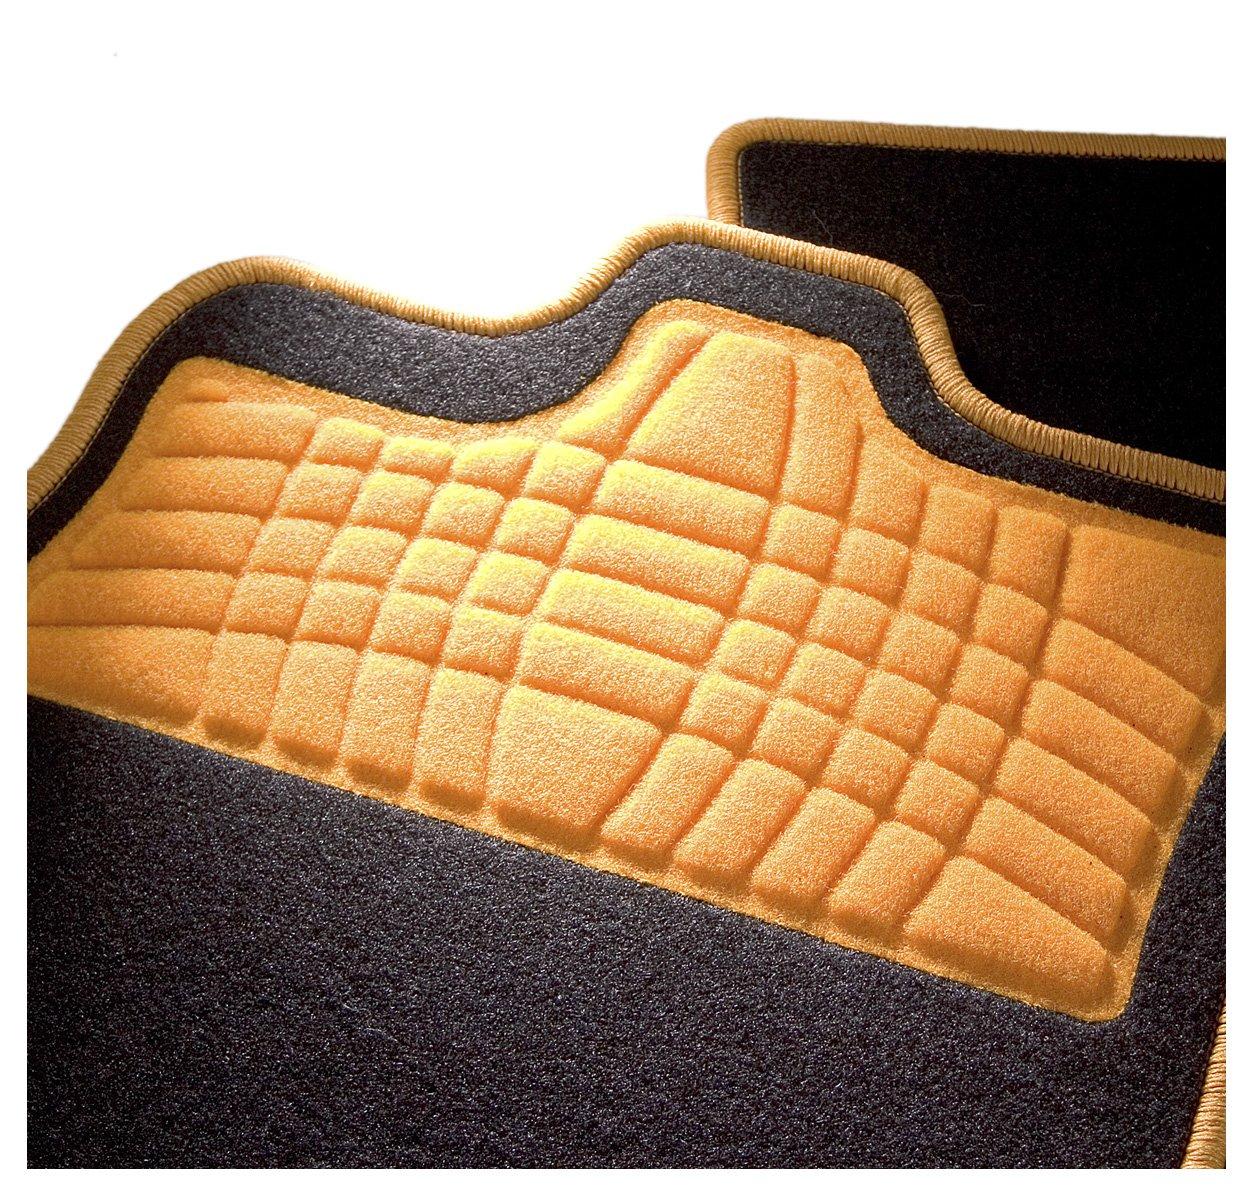 CarFashion 246926 Auto Alfombra Soporte sin Juego de alfombrillas para Matte plana Calypso-Textil Gris 4-Piezas